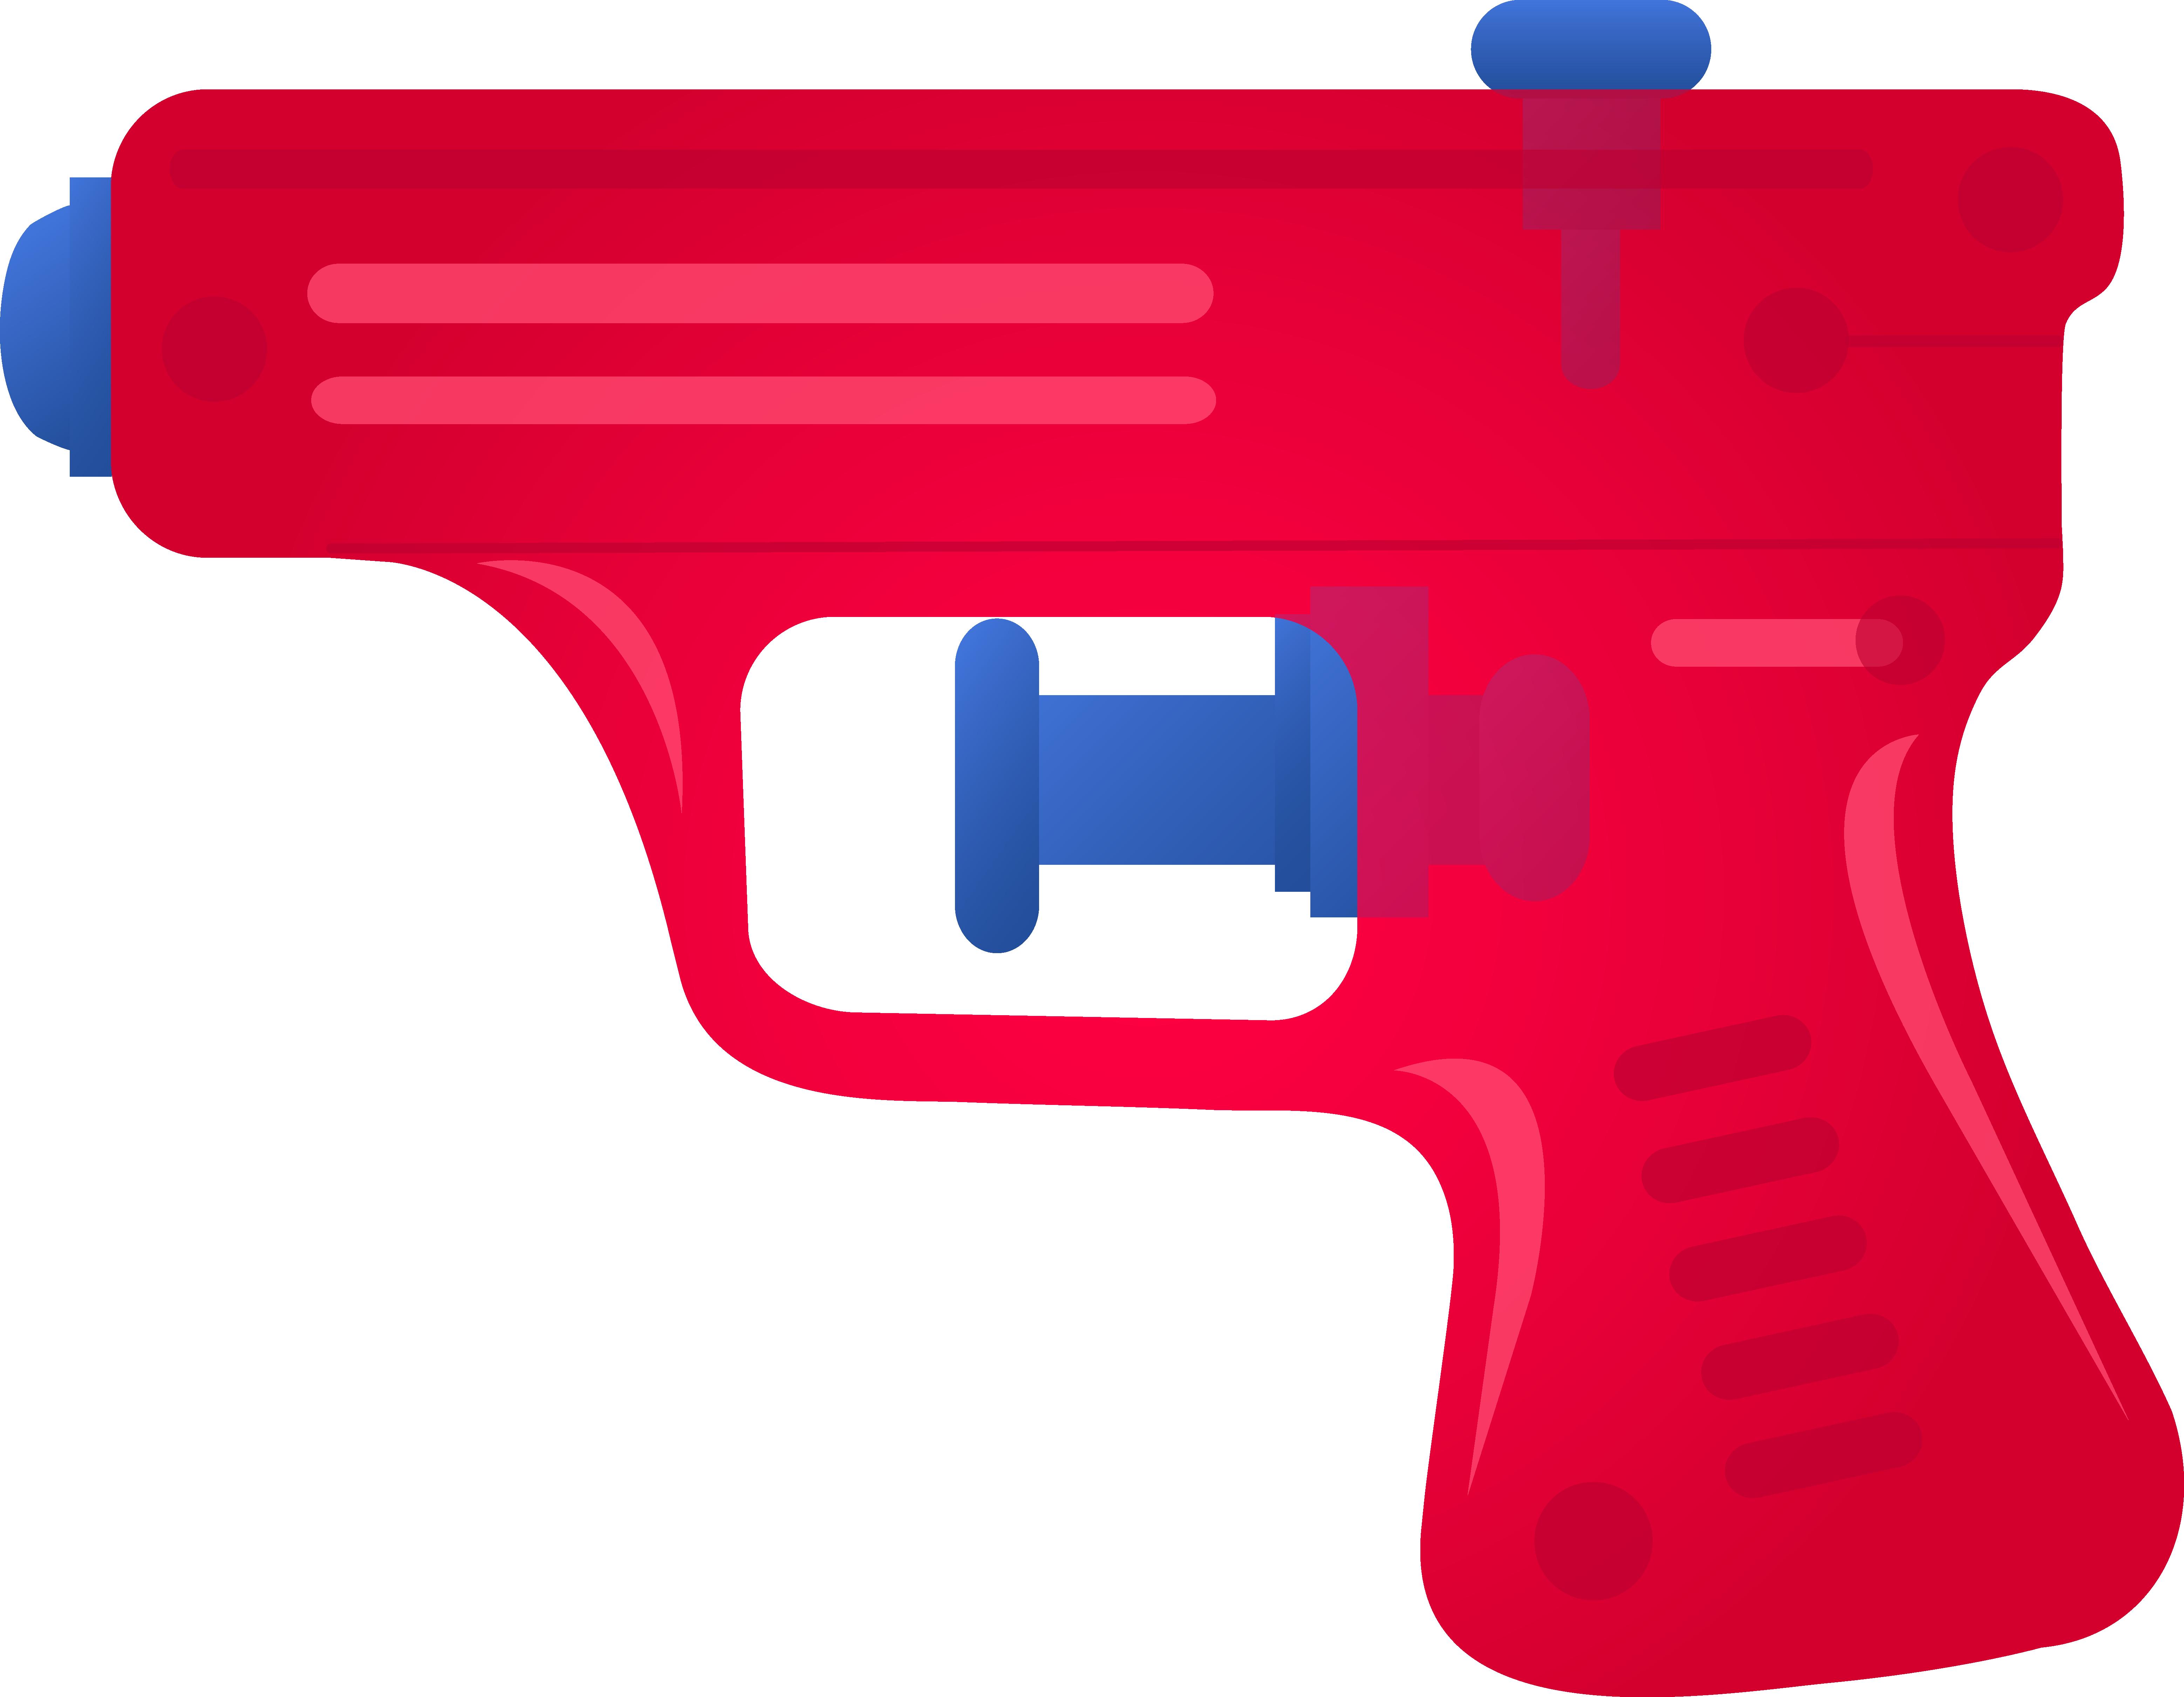 6232x4841 Red Toy Squirt Gun